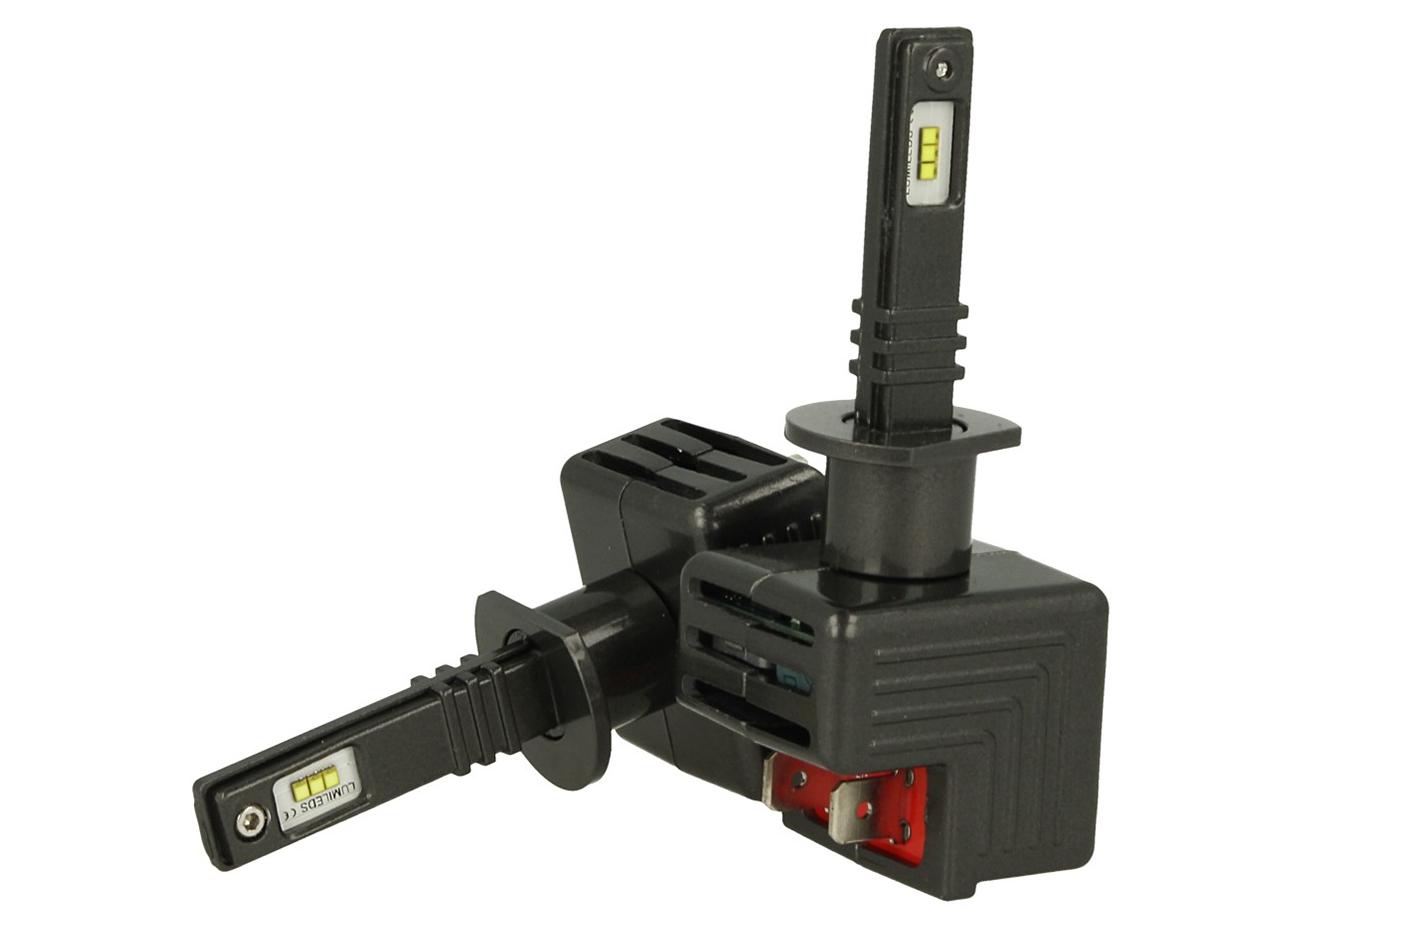 Kit Full Led Canbus H1 30W 12V Con 6 Chip Philips Lumileds ZES Super Compatto Facile Da Installare Raffreddamento Ventola - KIT